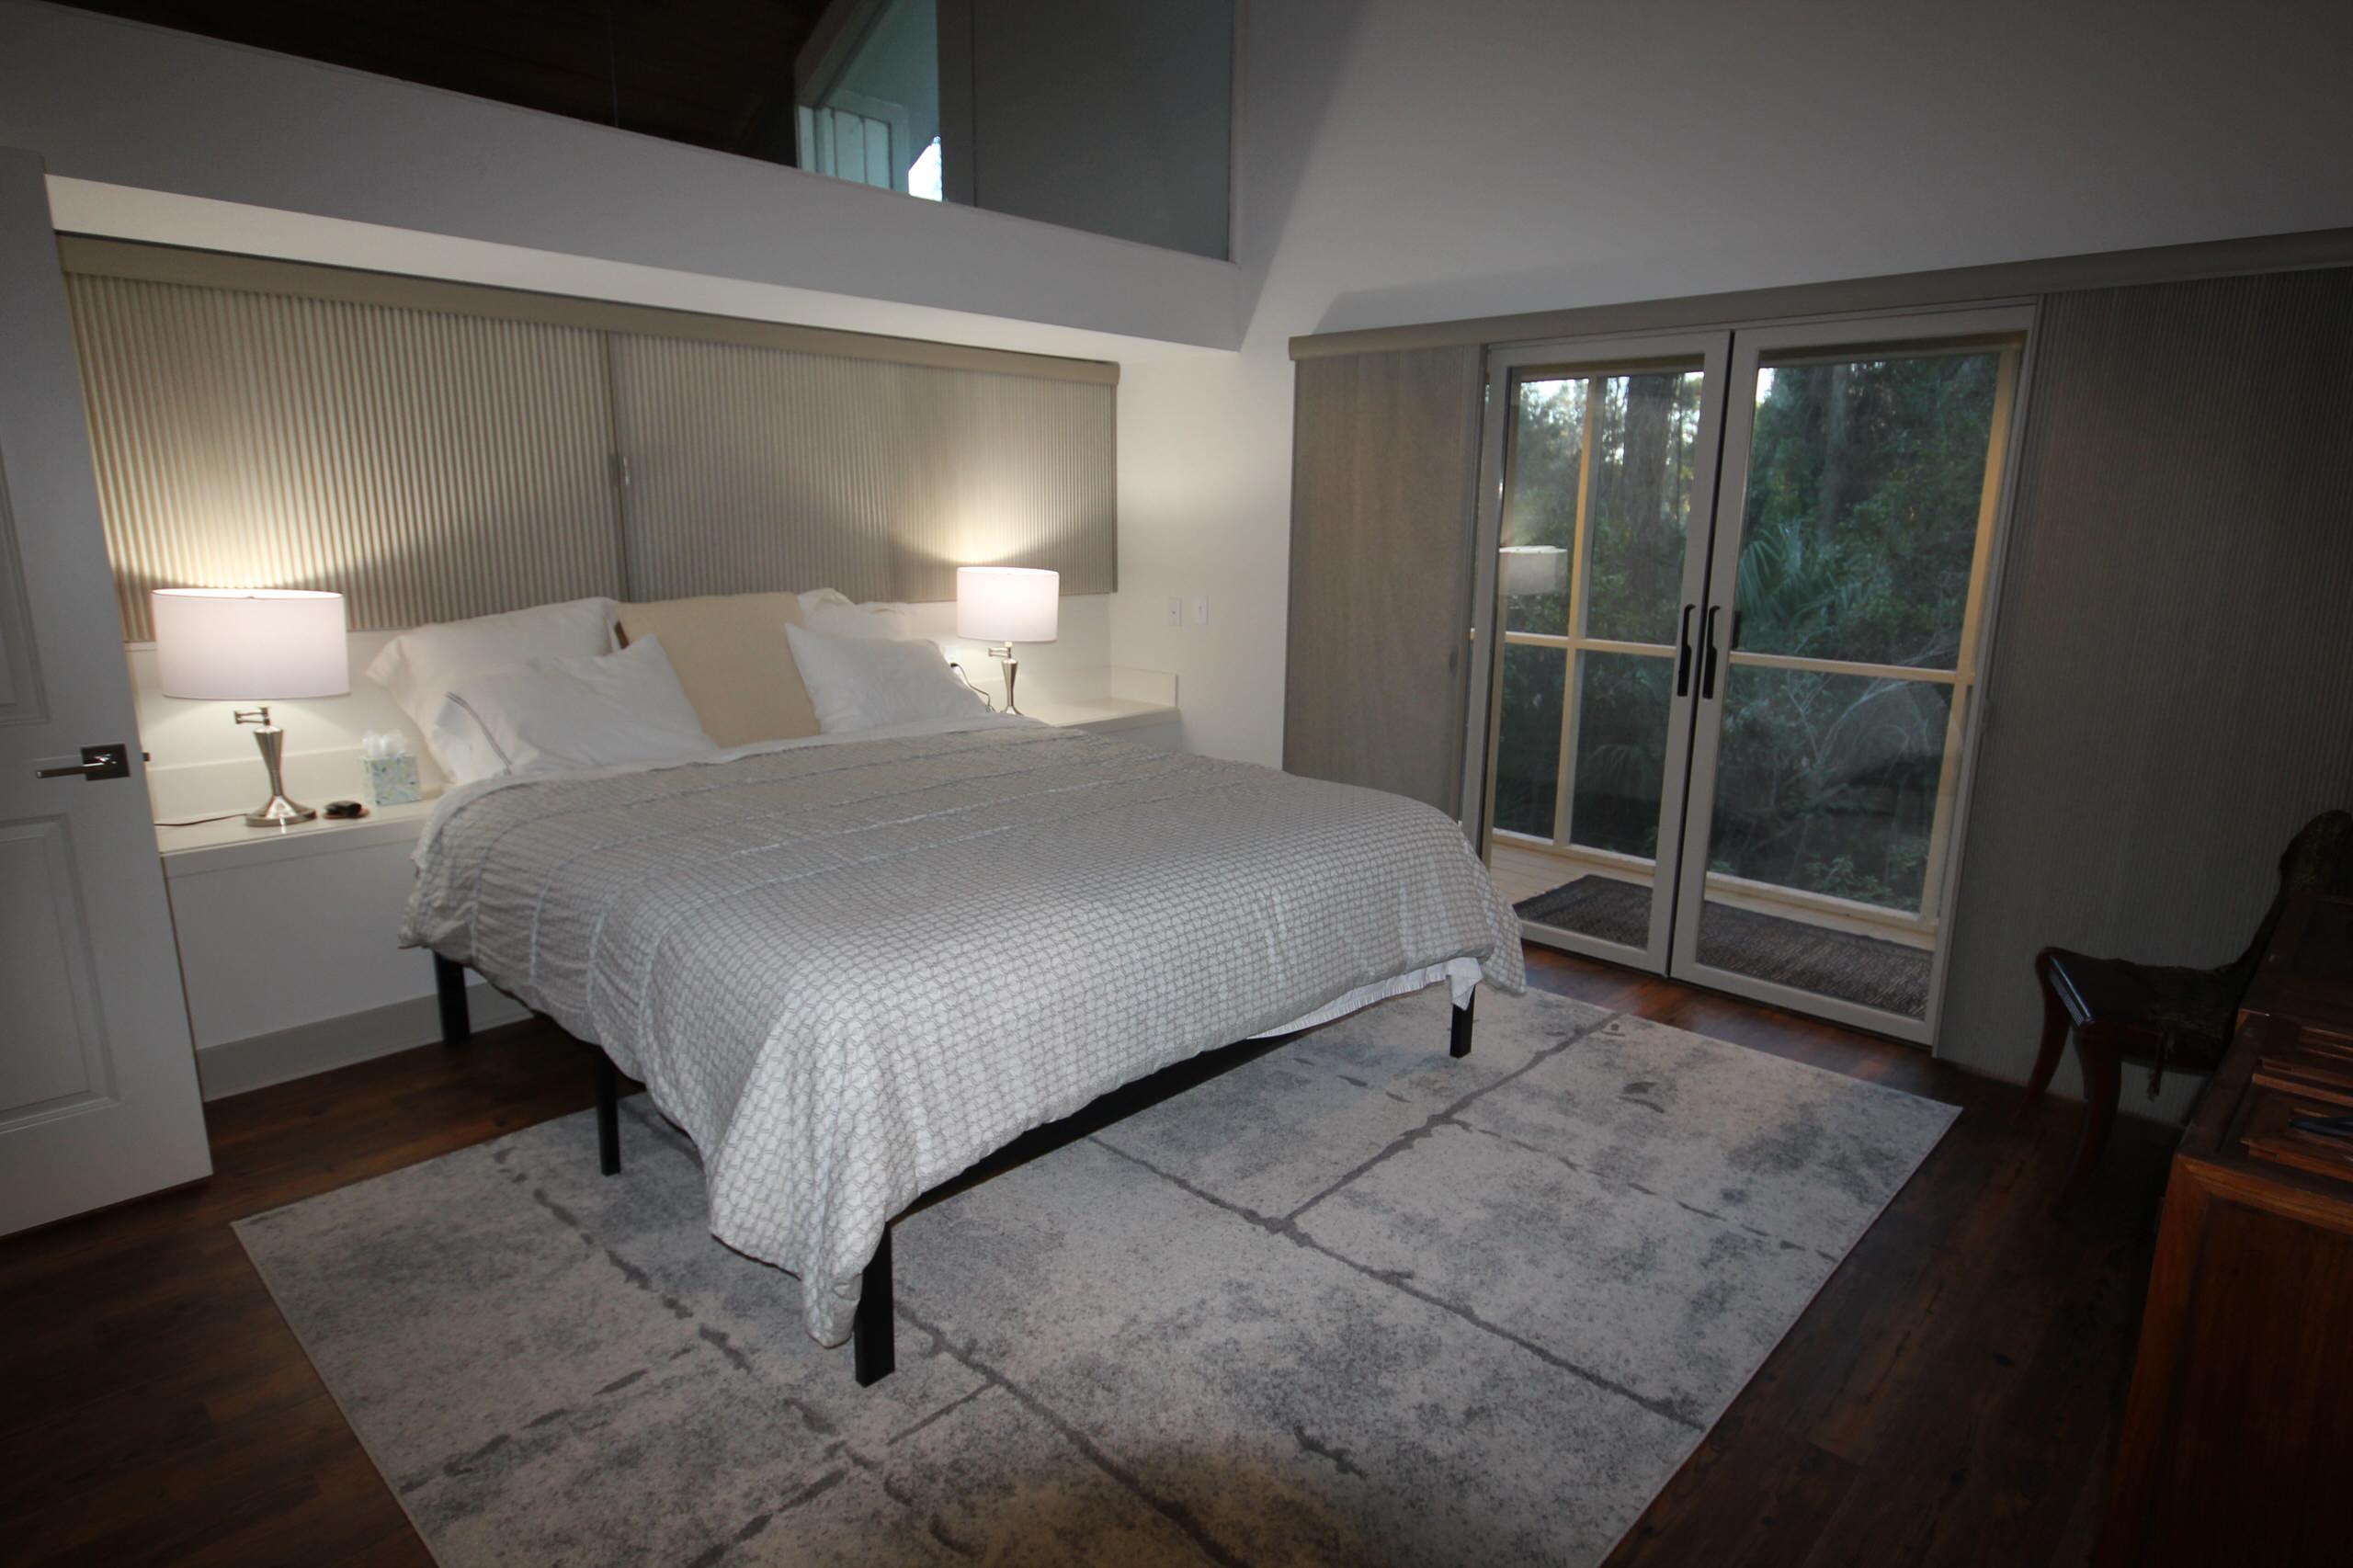 Former Master Bedroom Remodel